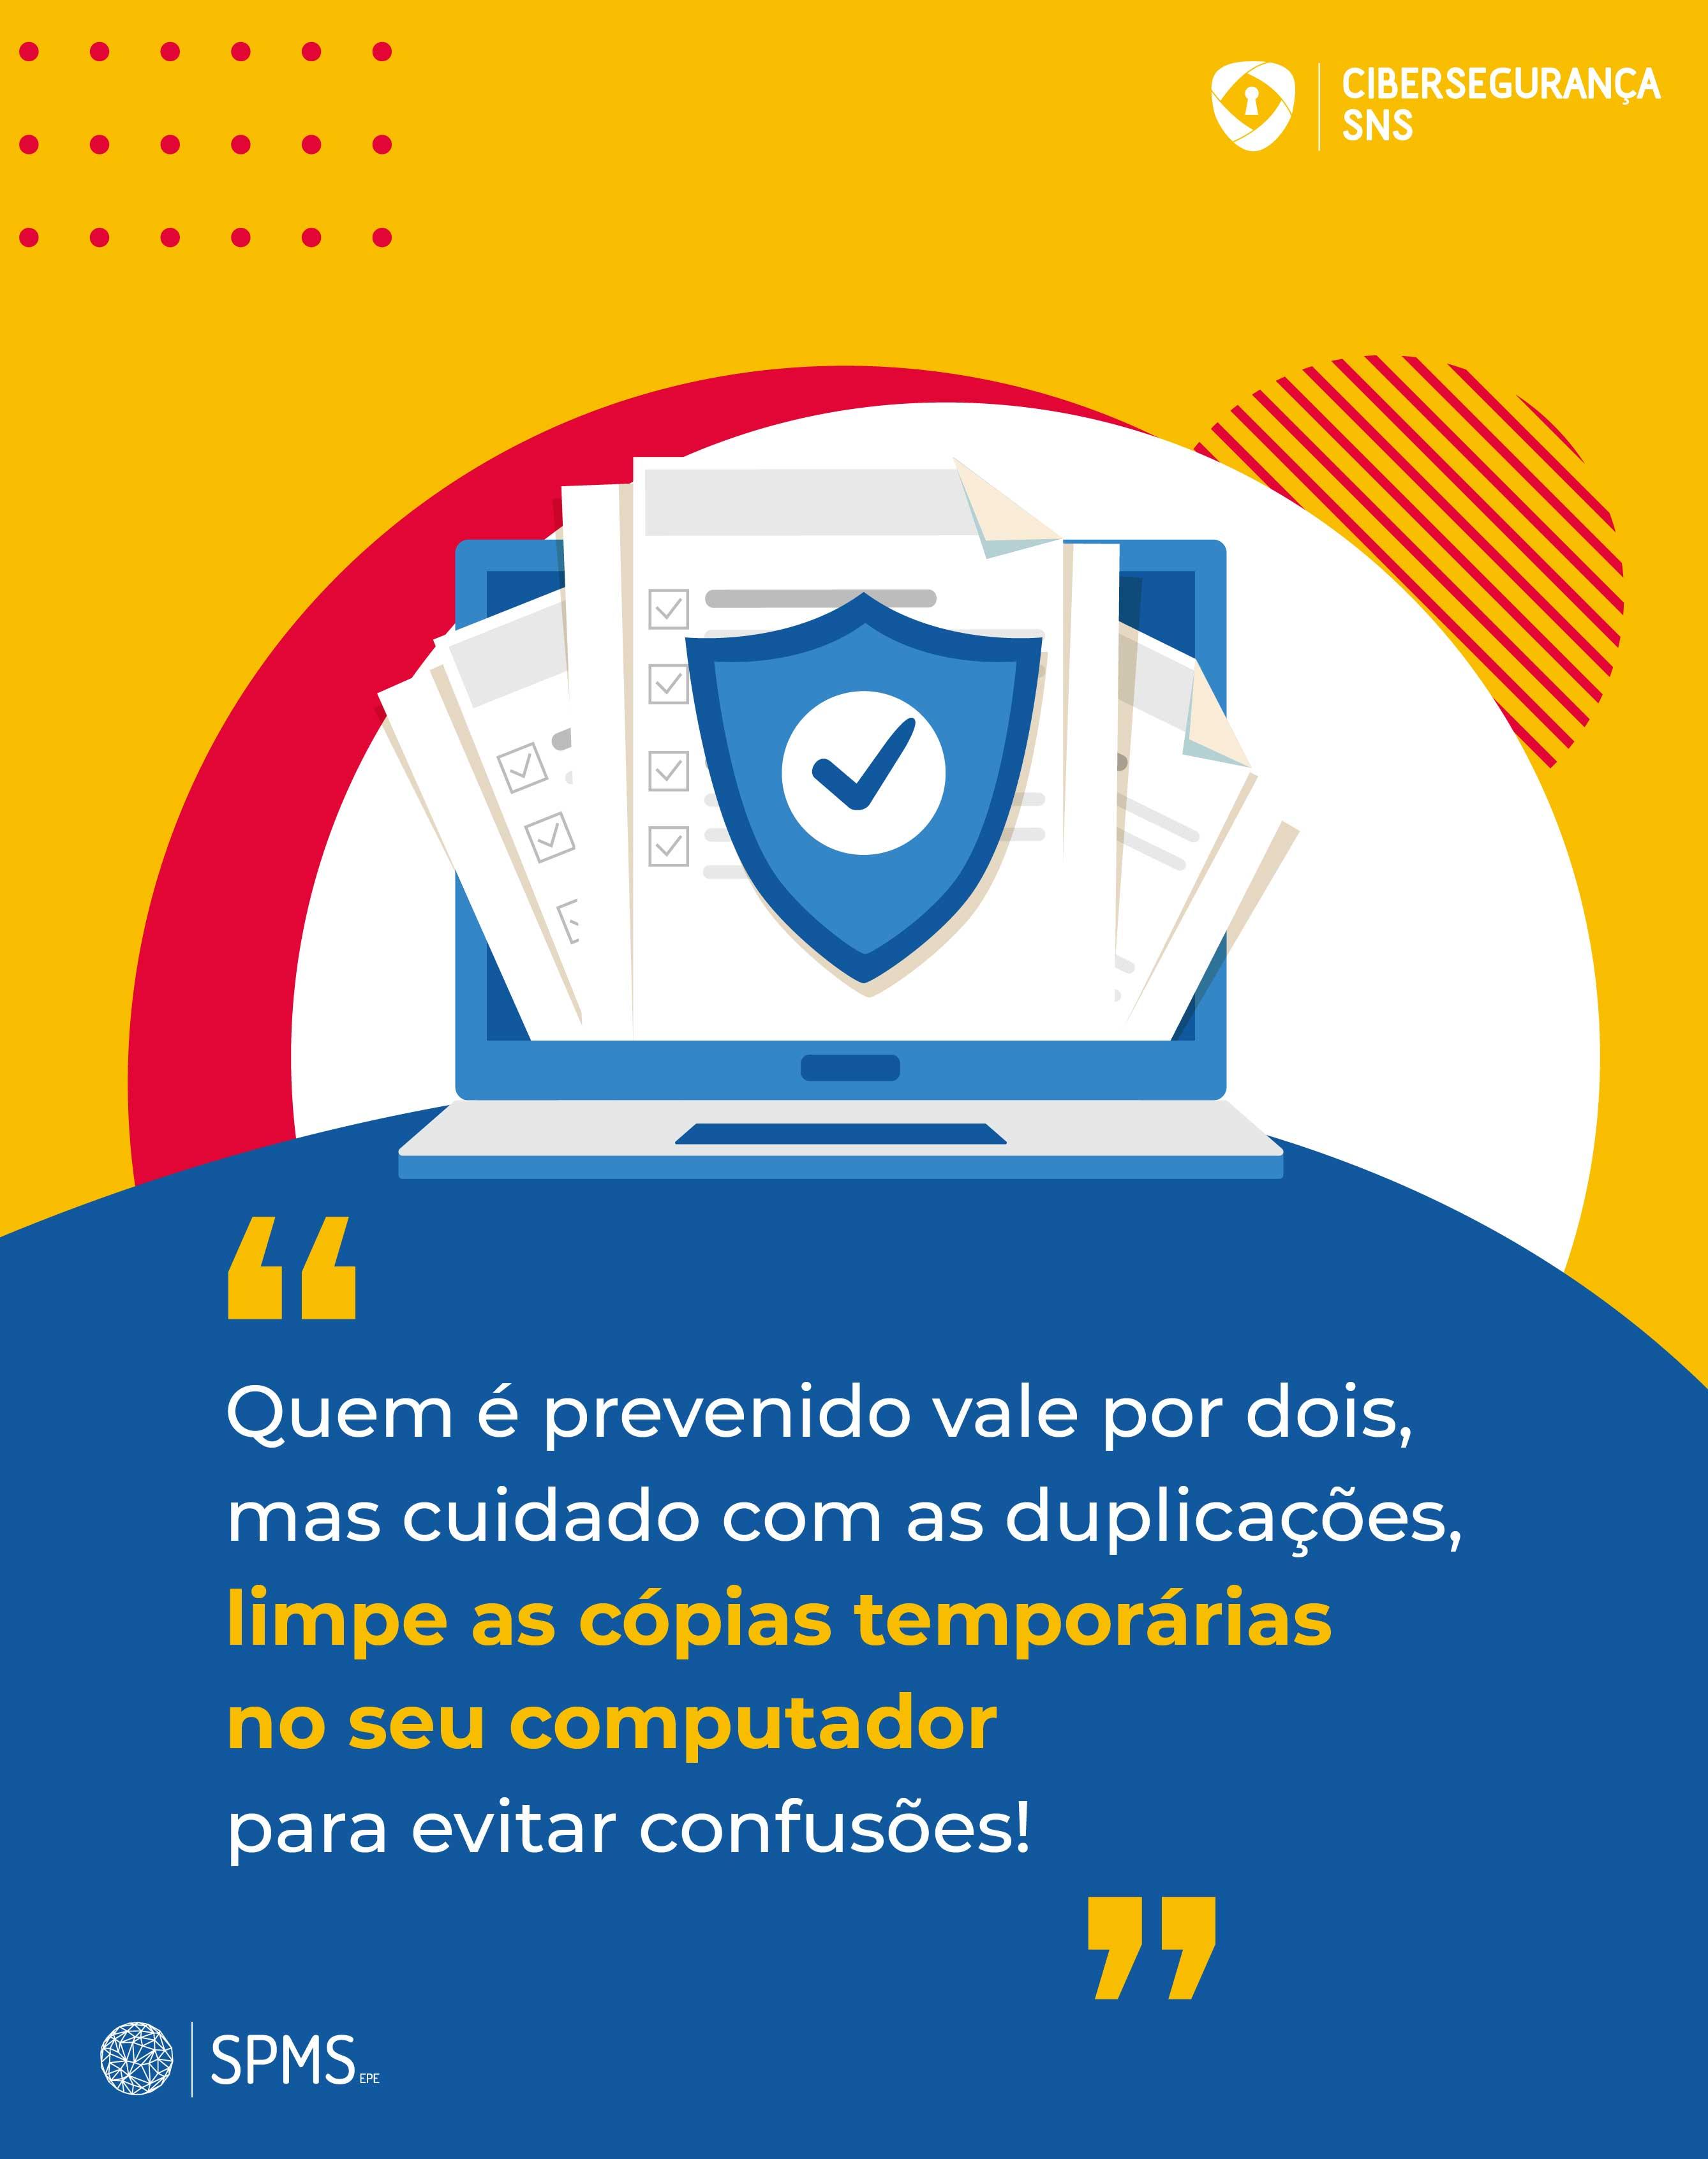 infografia cibersegurança cópias temporárias